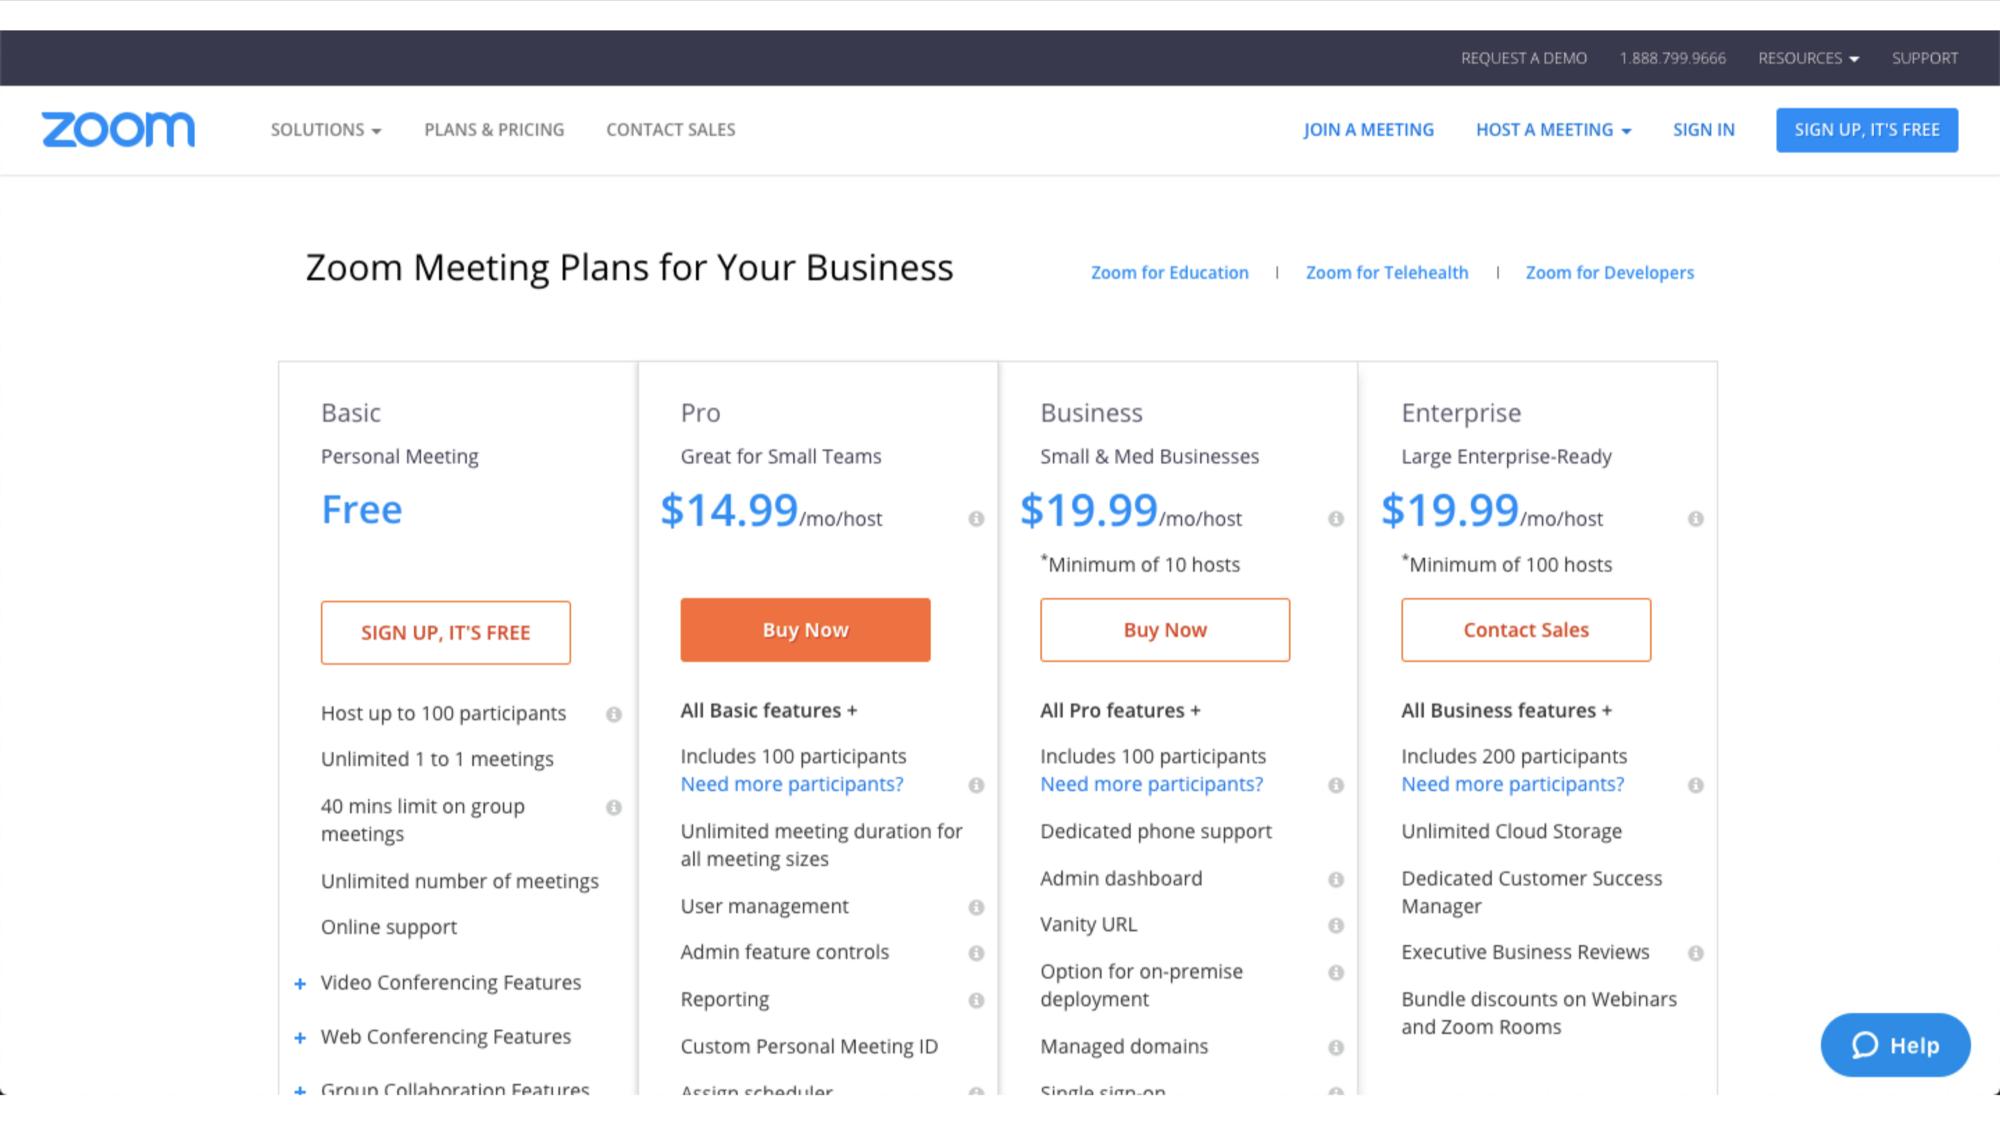 modelo de negócio freemium na empresa Zoom